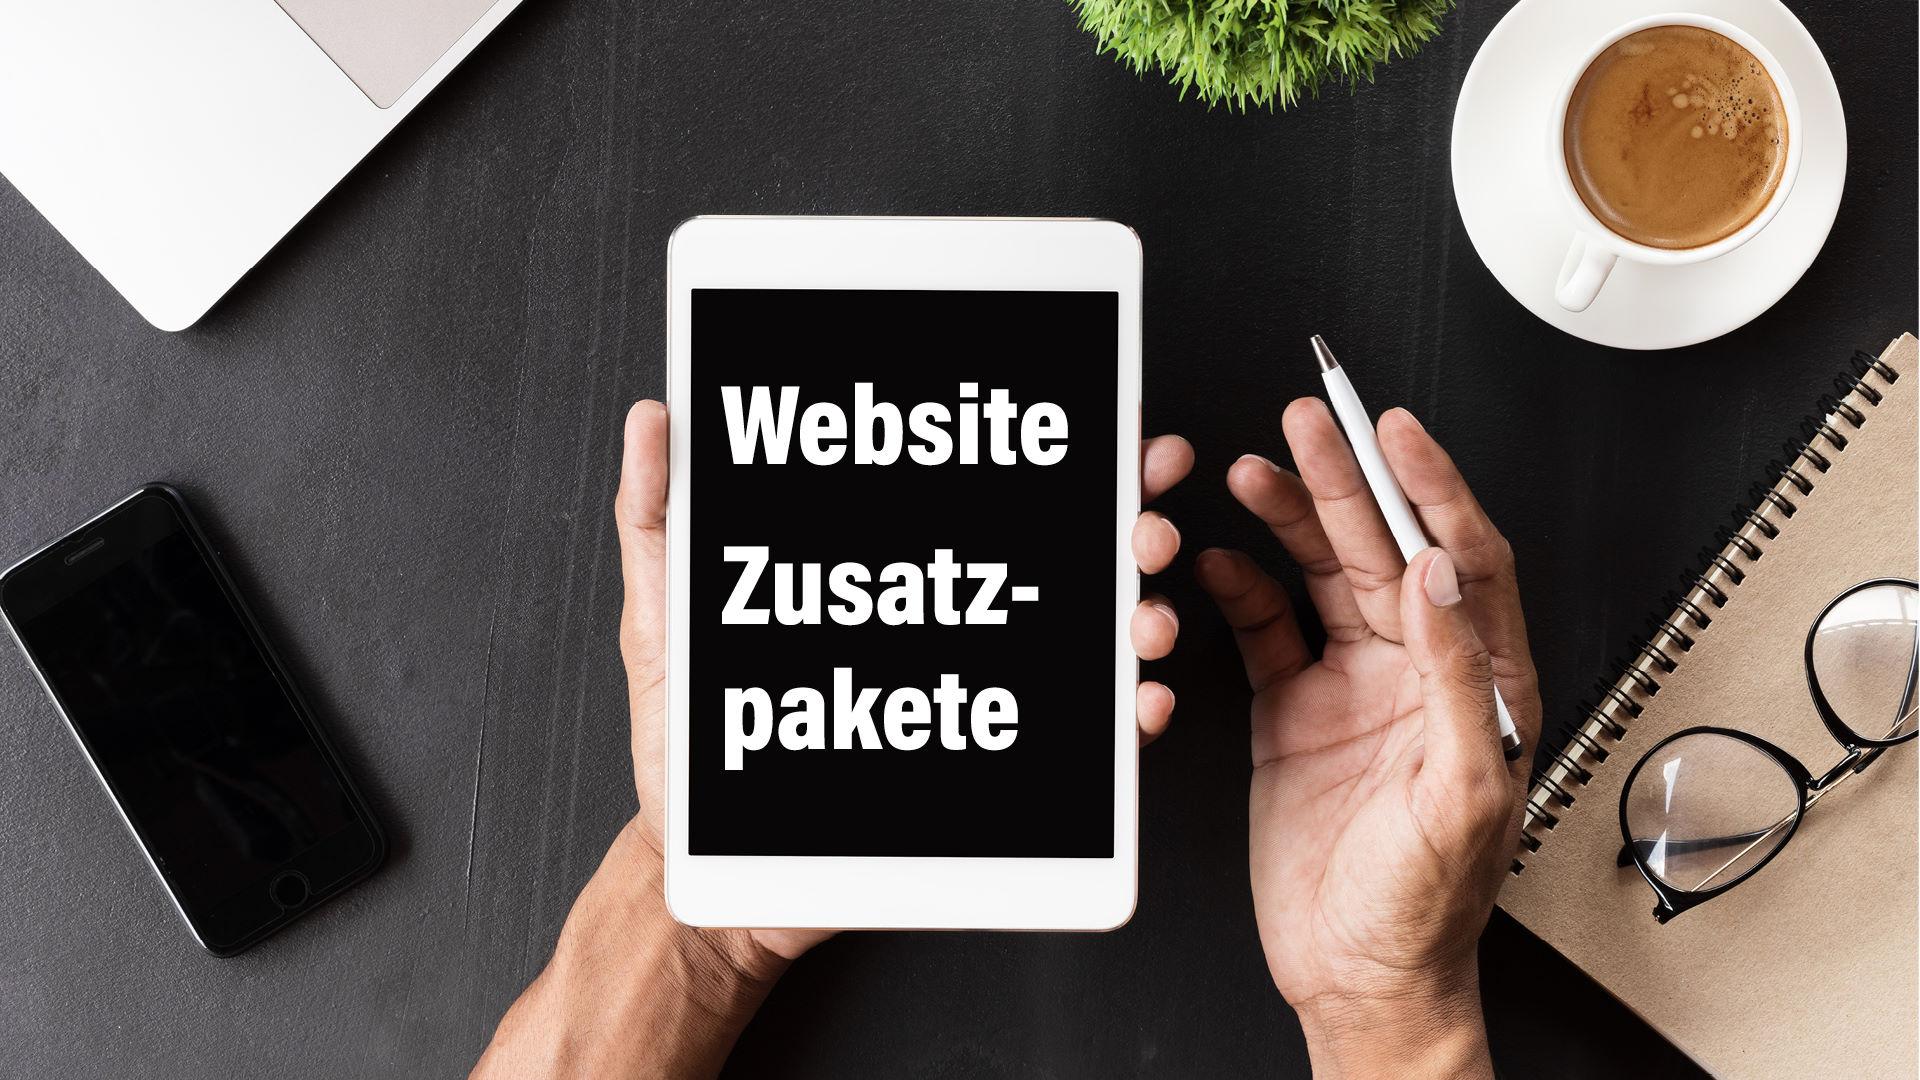 Website Zusatzpakete_Advertising Solution_Werbeagentur Bezirk Mödling